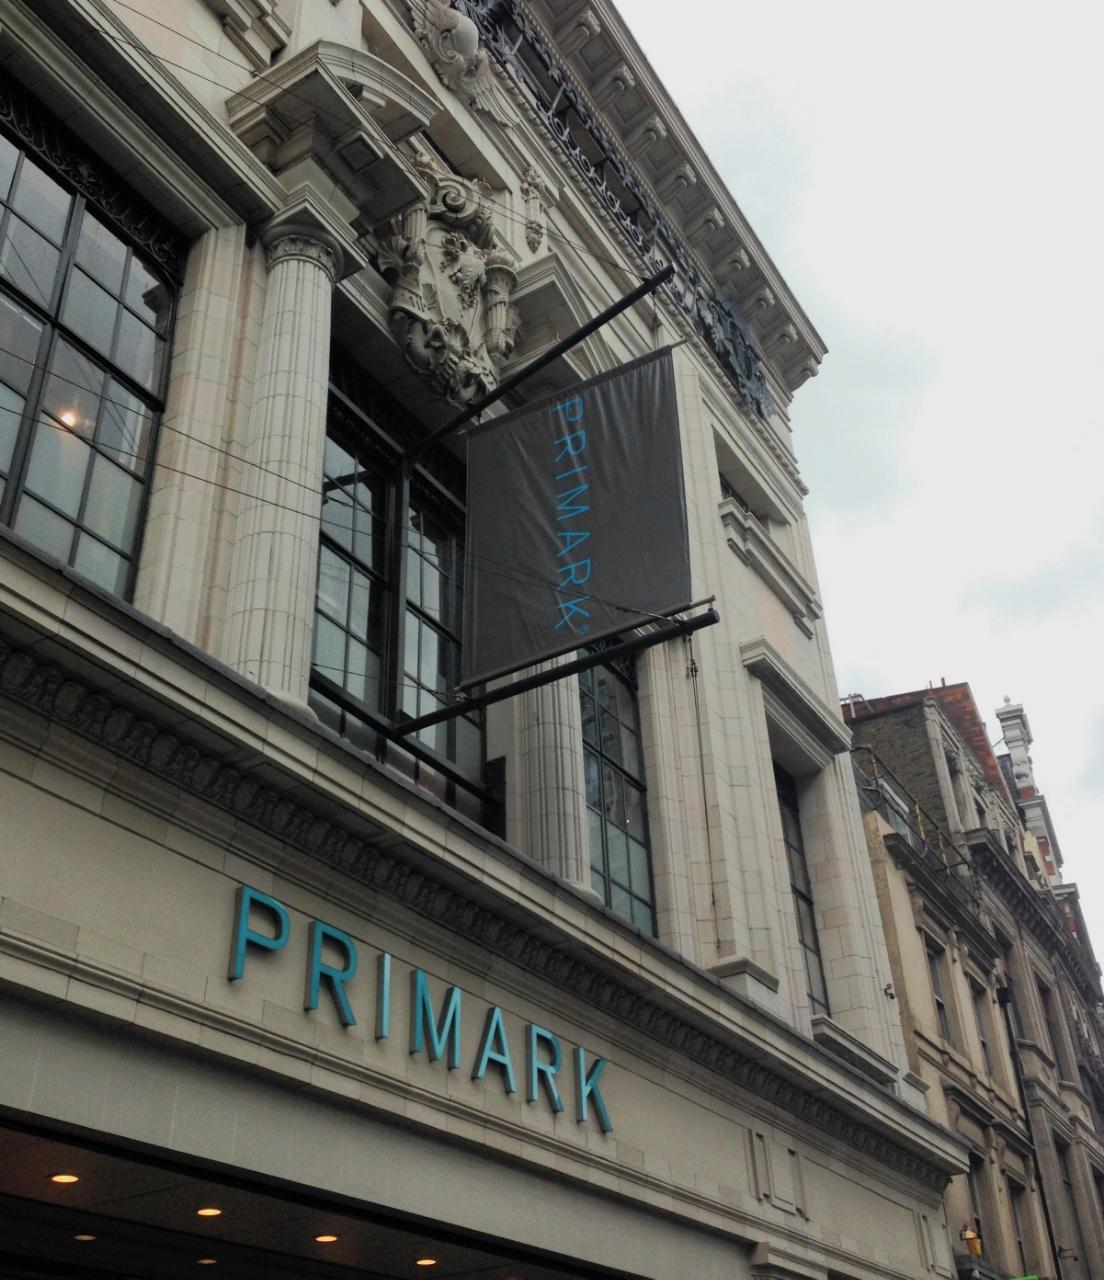 All hail… Primark.